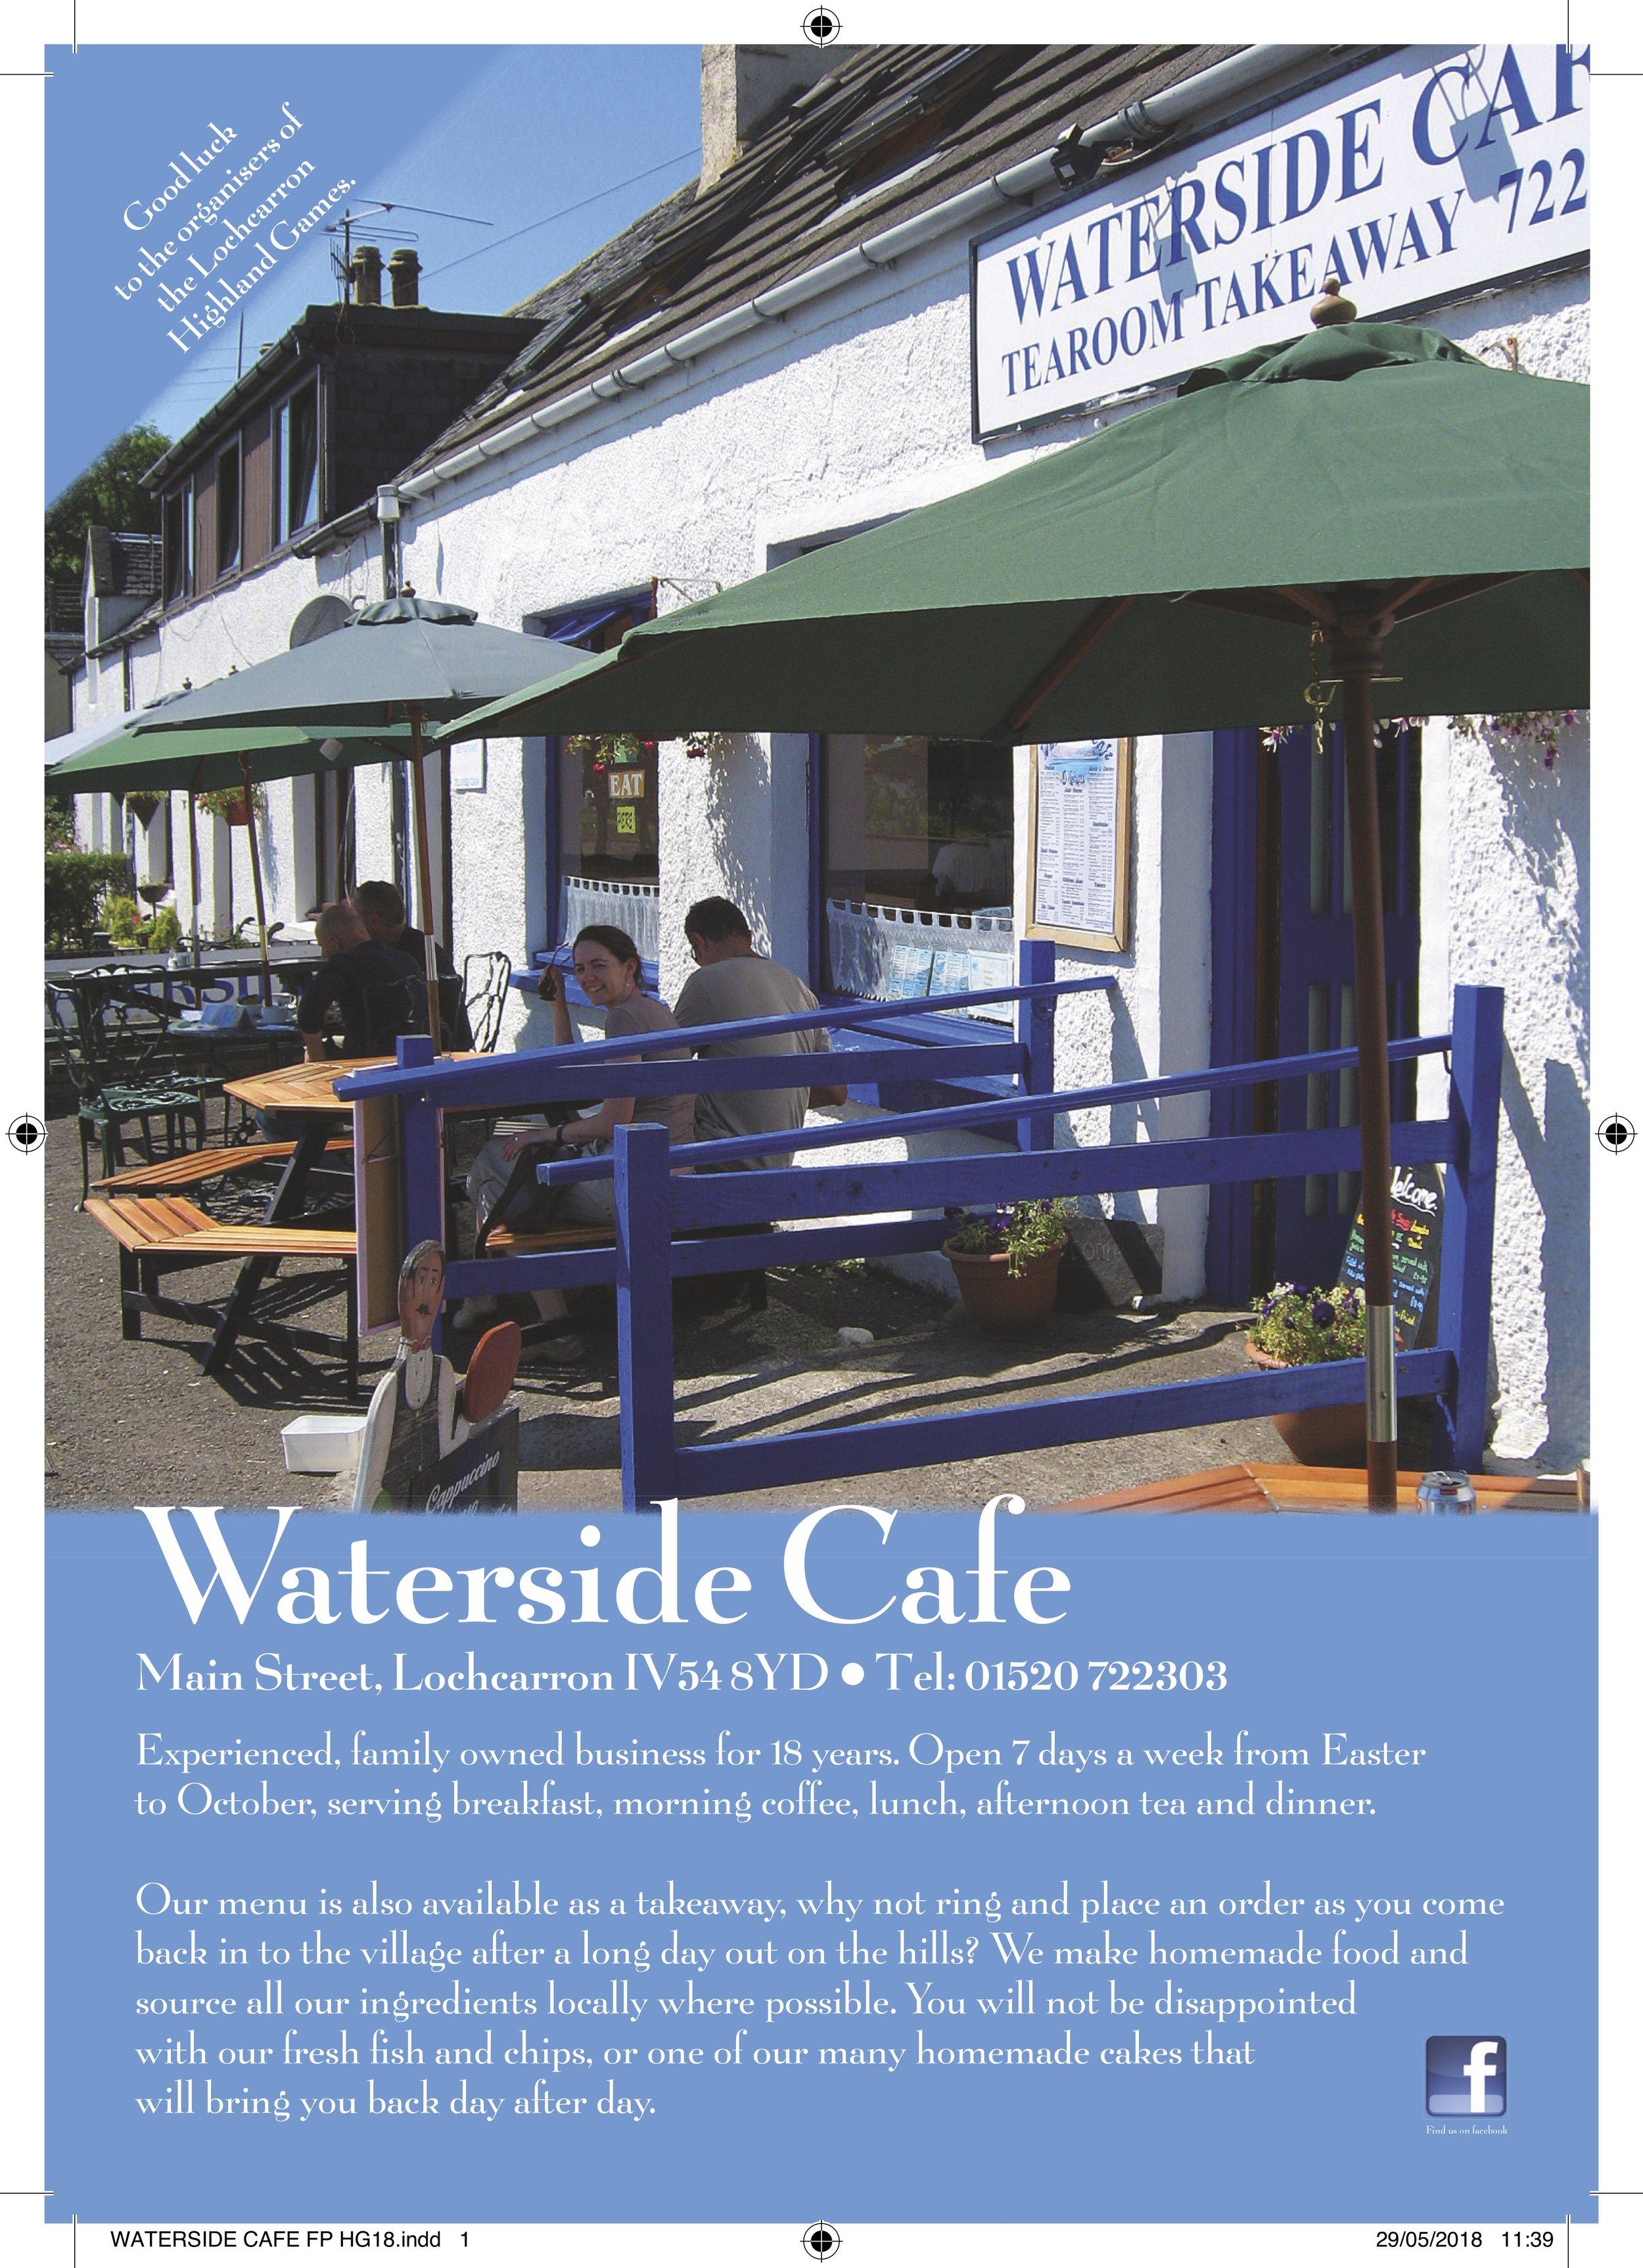 WATERSIDE CAFE FP HG19.jpg